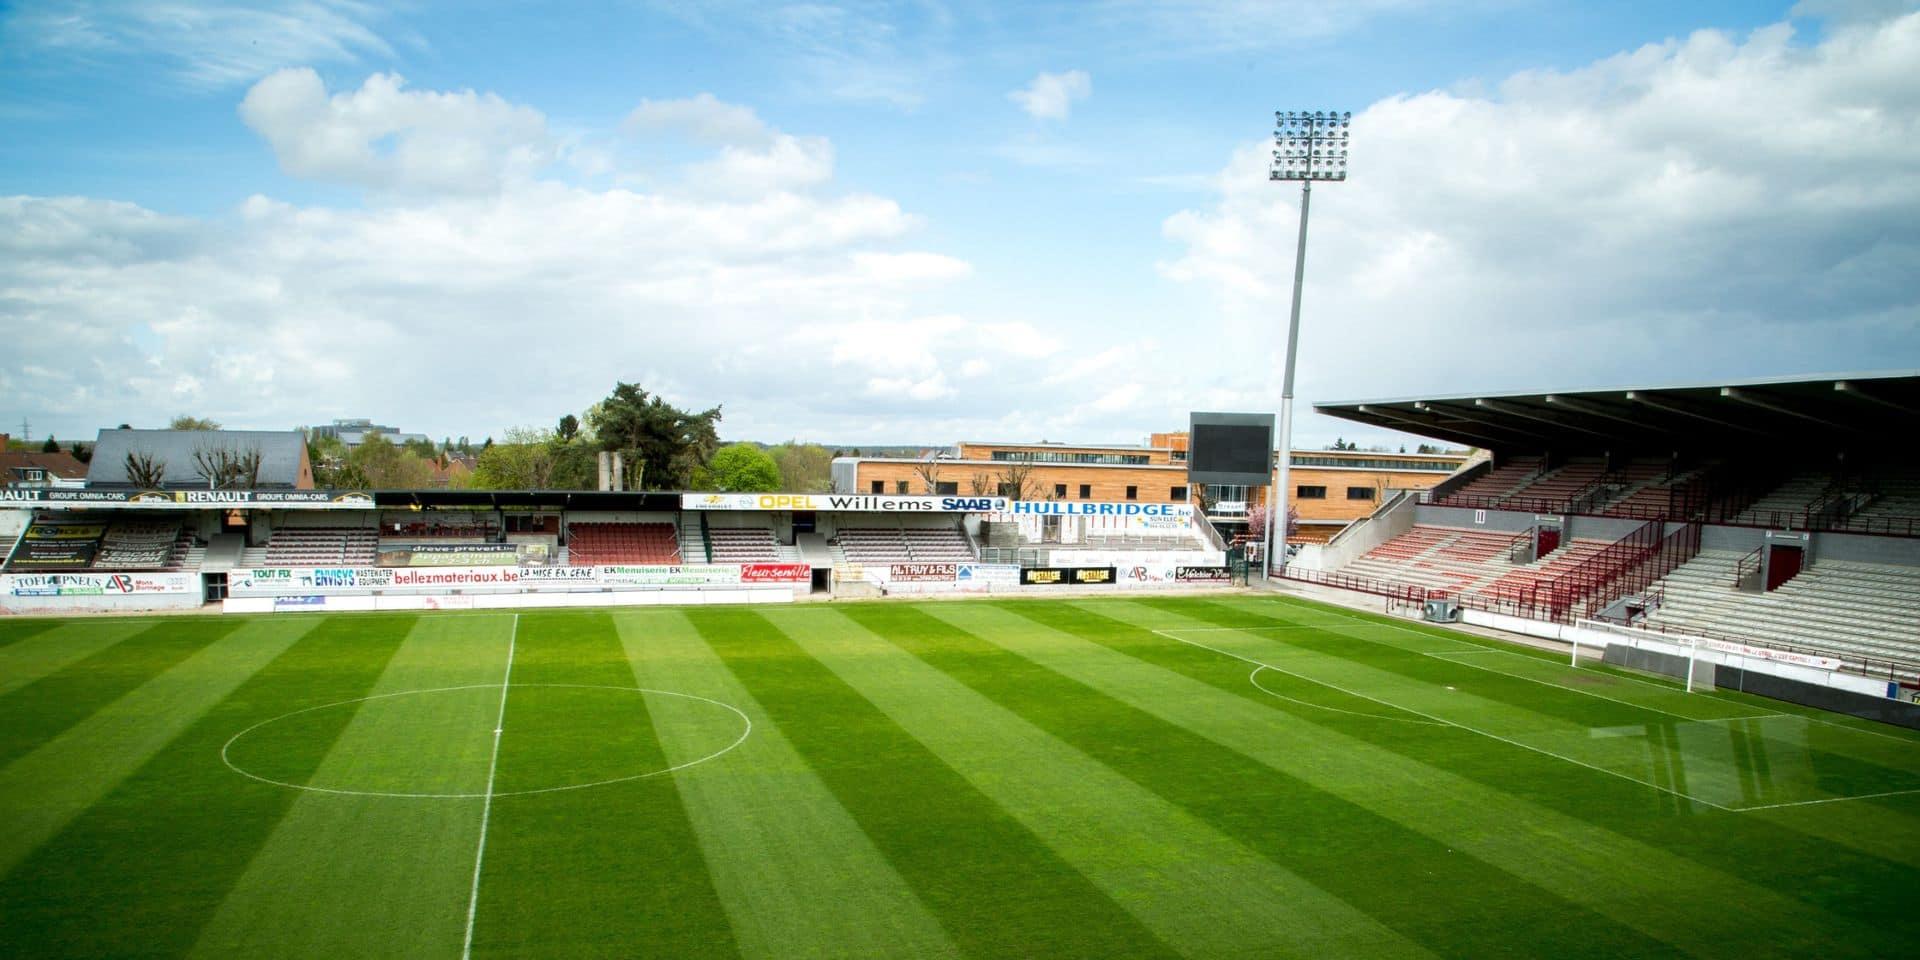 Mons: Le centre de testing déménage au stade Tondreau